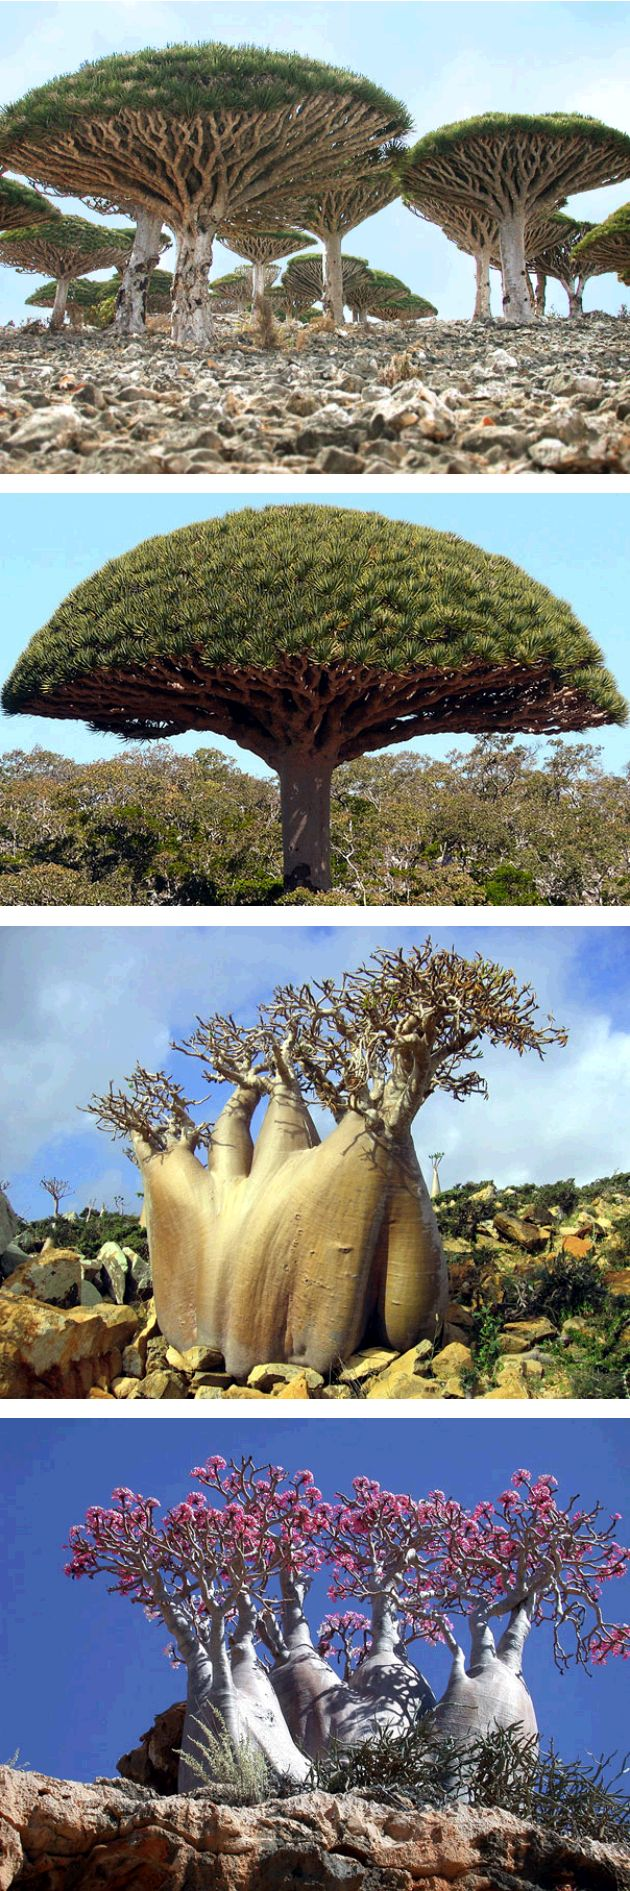 [*- Especies de la Isla de Socotra, Yemen: Árbol Sangre de Dragón (Dracaena cinnabari) § Árbol Pepino (Dendrosicyos socotrana), única cucurbitácea que crece en forma de árbol. Su tronco, de hasta 1 m de diámetro, con forma de botella lo hace distintivo. Tiene una pequeña corona; flores amarillas (3 cm), masculinas y femeninas en la misma planta. Frutas (3 x 5 cm) verdes, volviéndose de color ladrillo rojo cuando maduran. § Rosa del Desierto (Adenium obesum): no es un árbol sino una planta.]